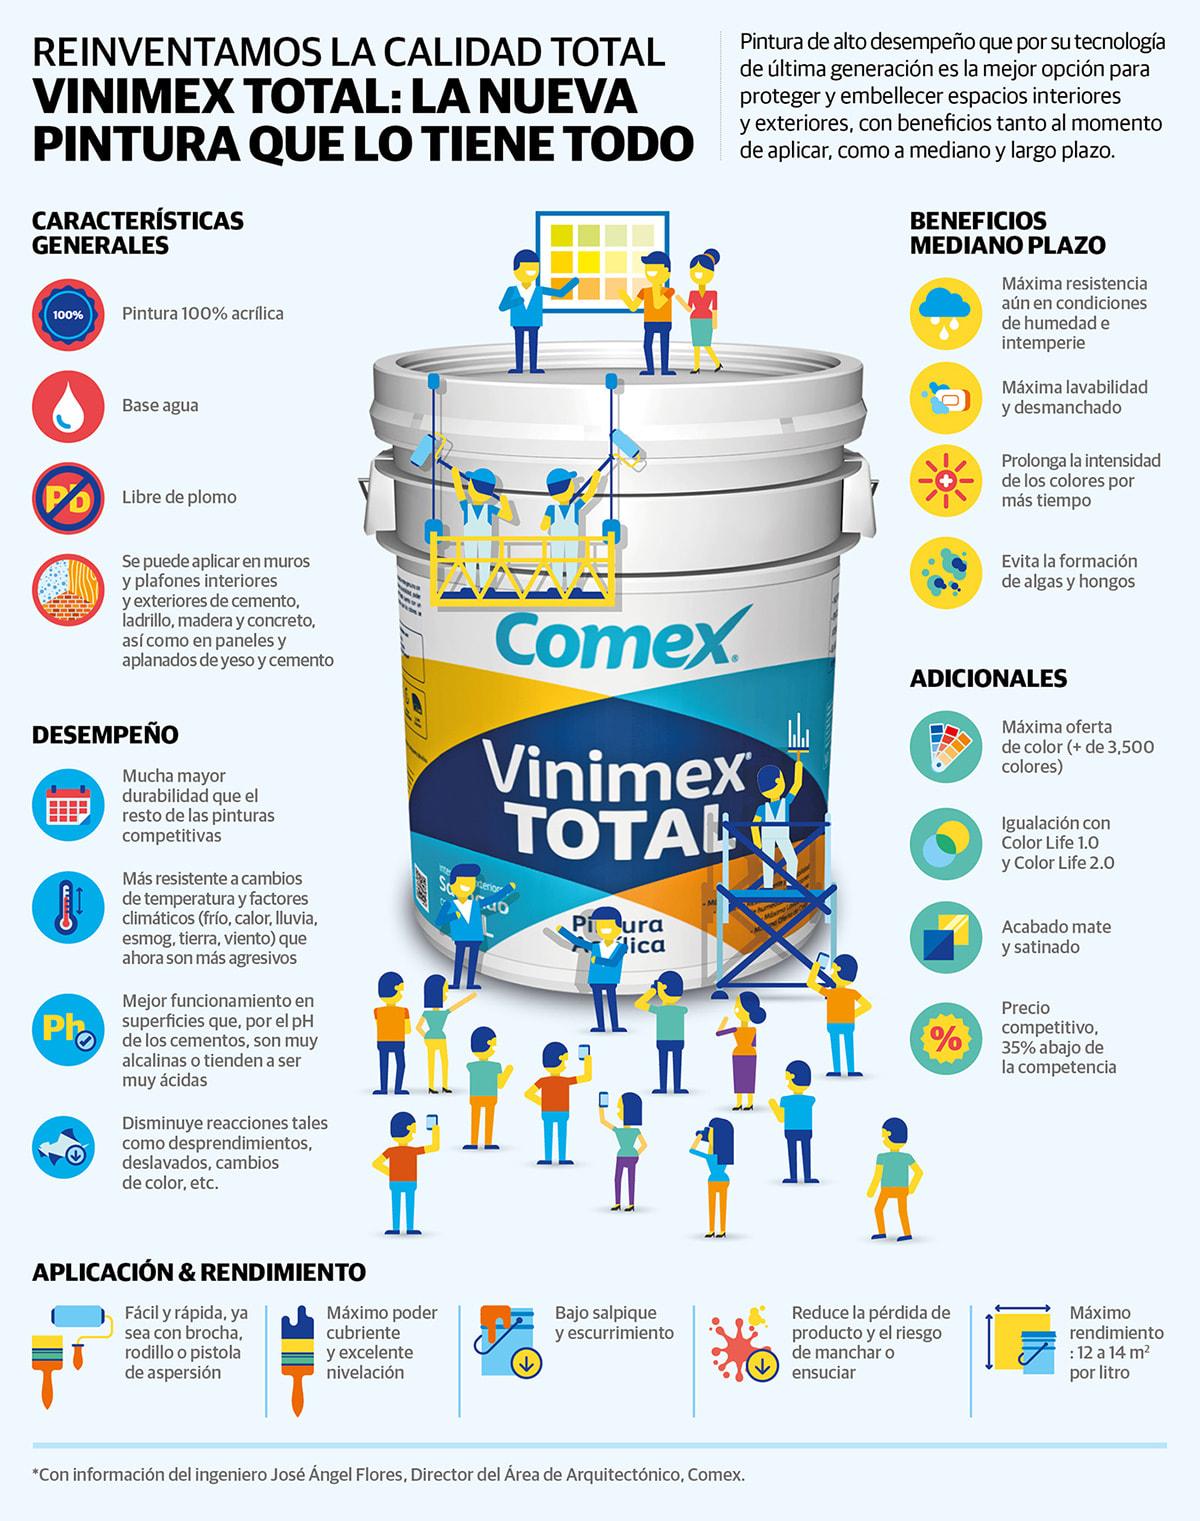 Cómo organizar la información en una infografía